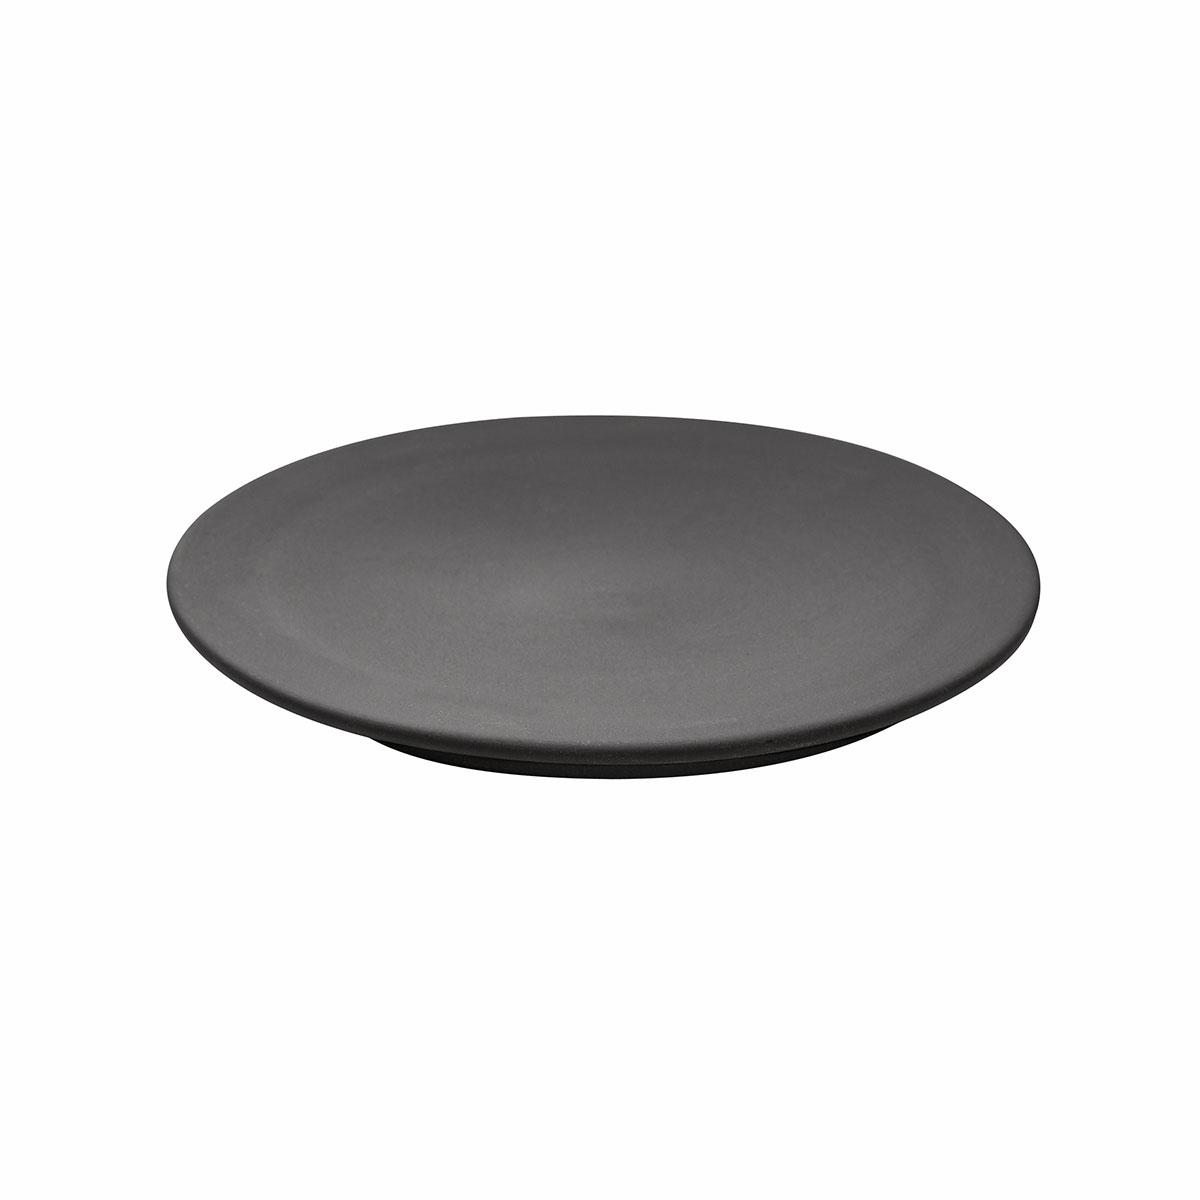 Couvercle pour cocotte rond onyx grès Ø 12,50 cm Bahia Degrenne